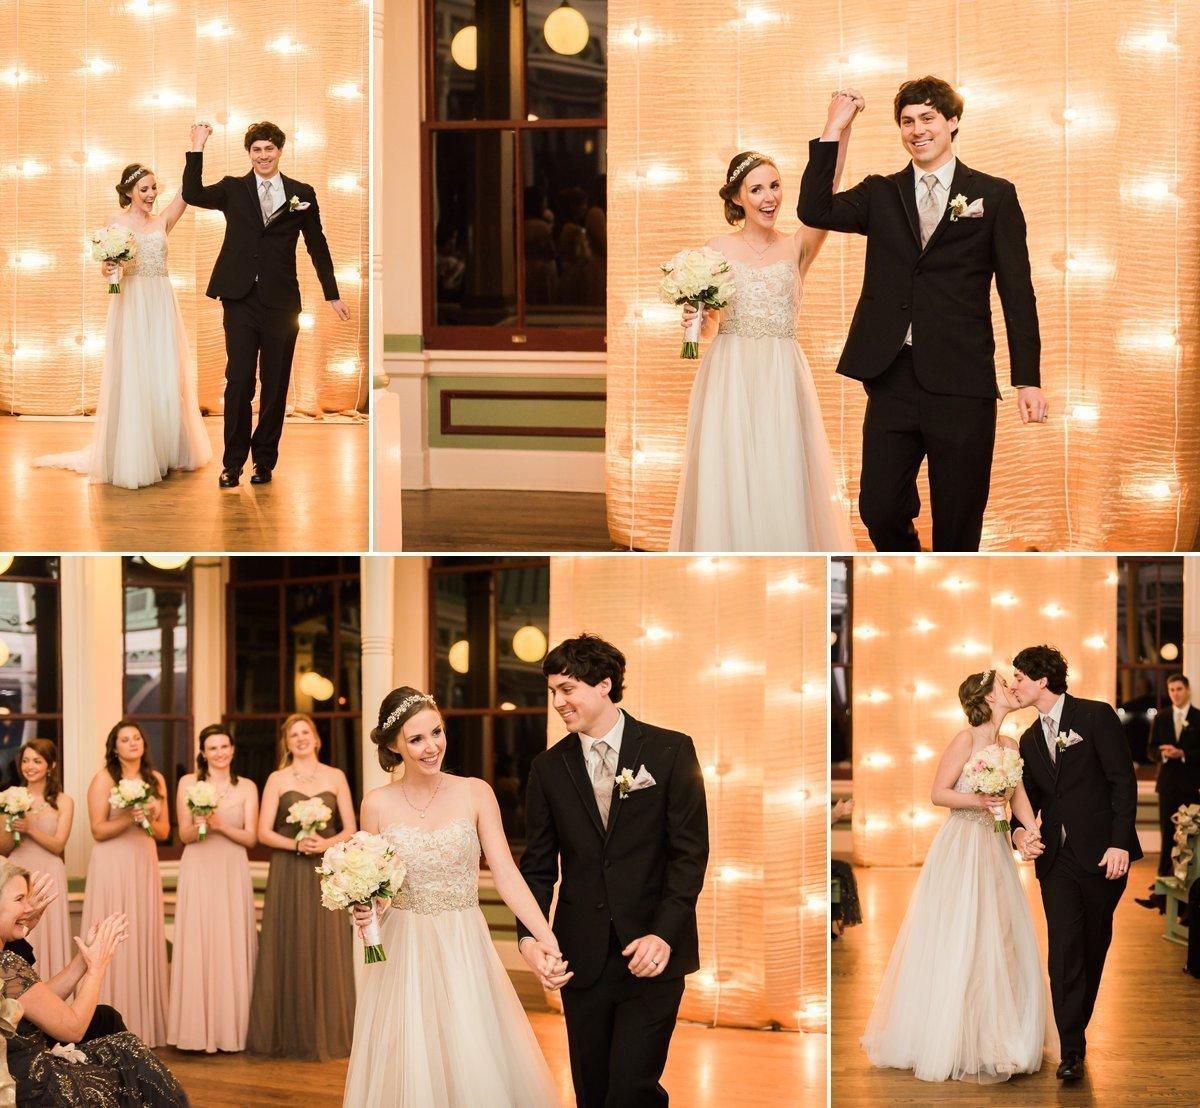 Laine-Spencer-Garten-Verein-Wedding 39